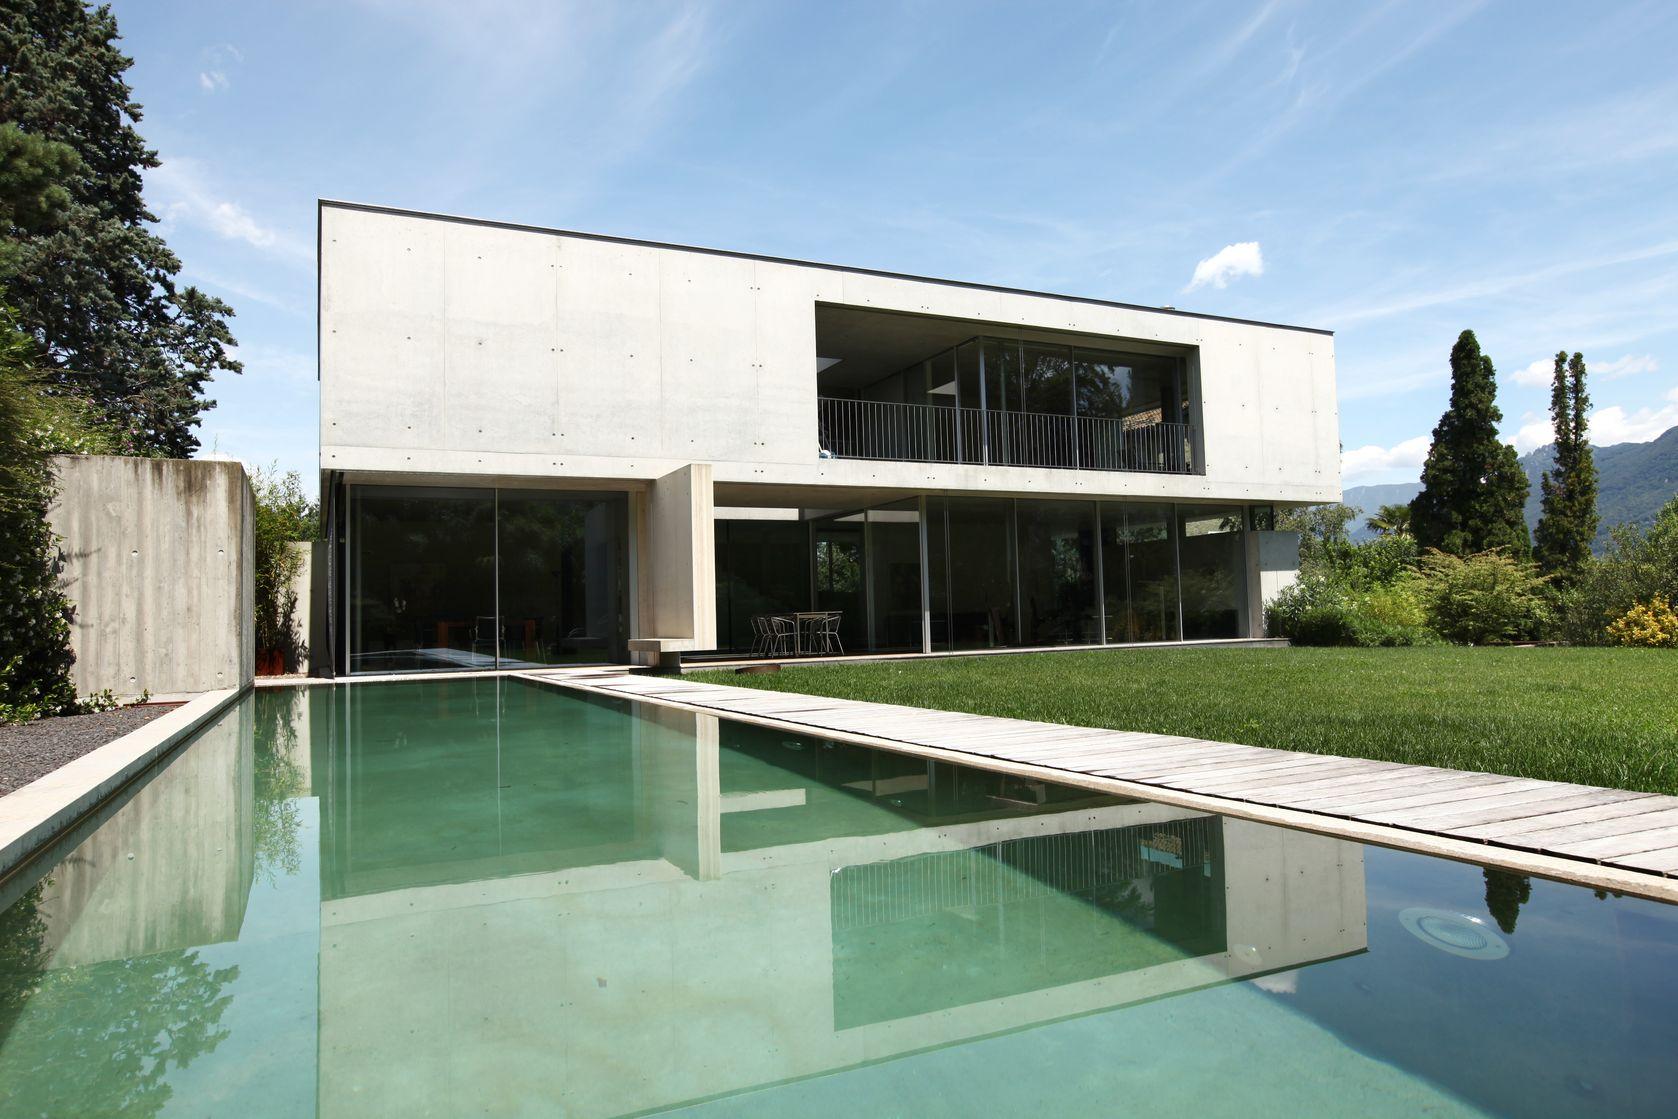 Omplebuits terrassa bail n 73 arquitectos p ginas amarillas - Arquitectos terrassa ...